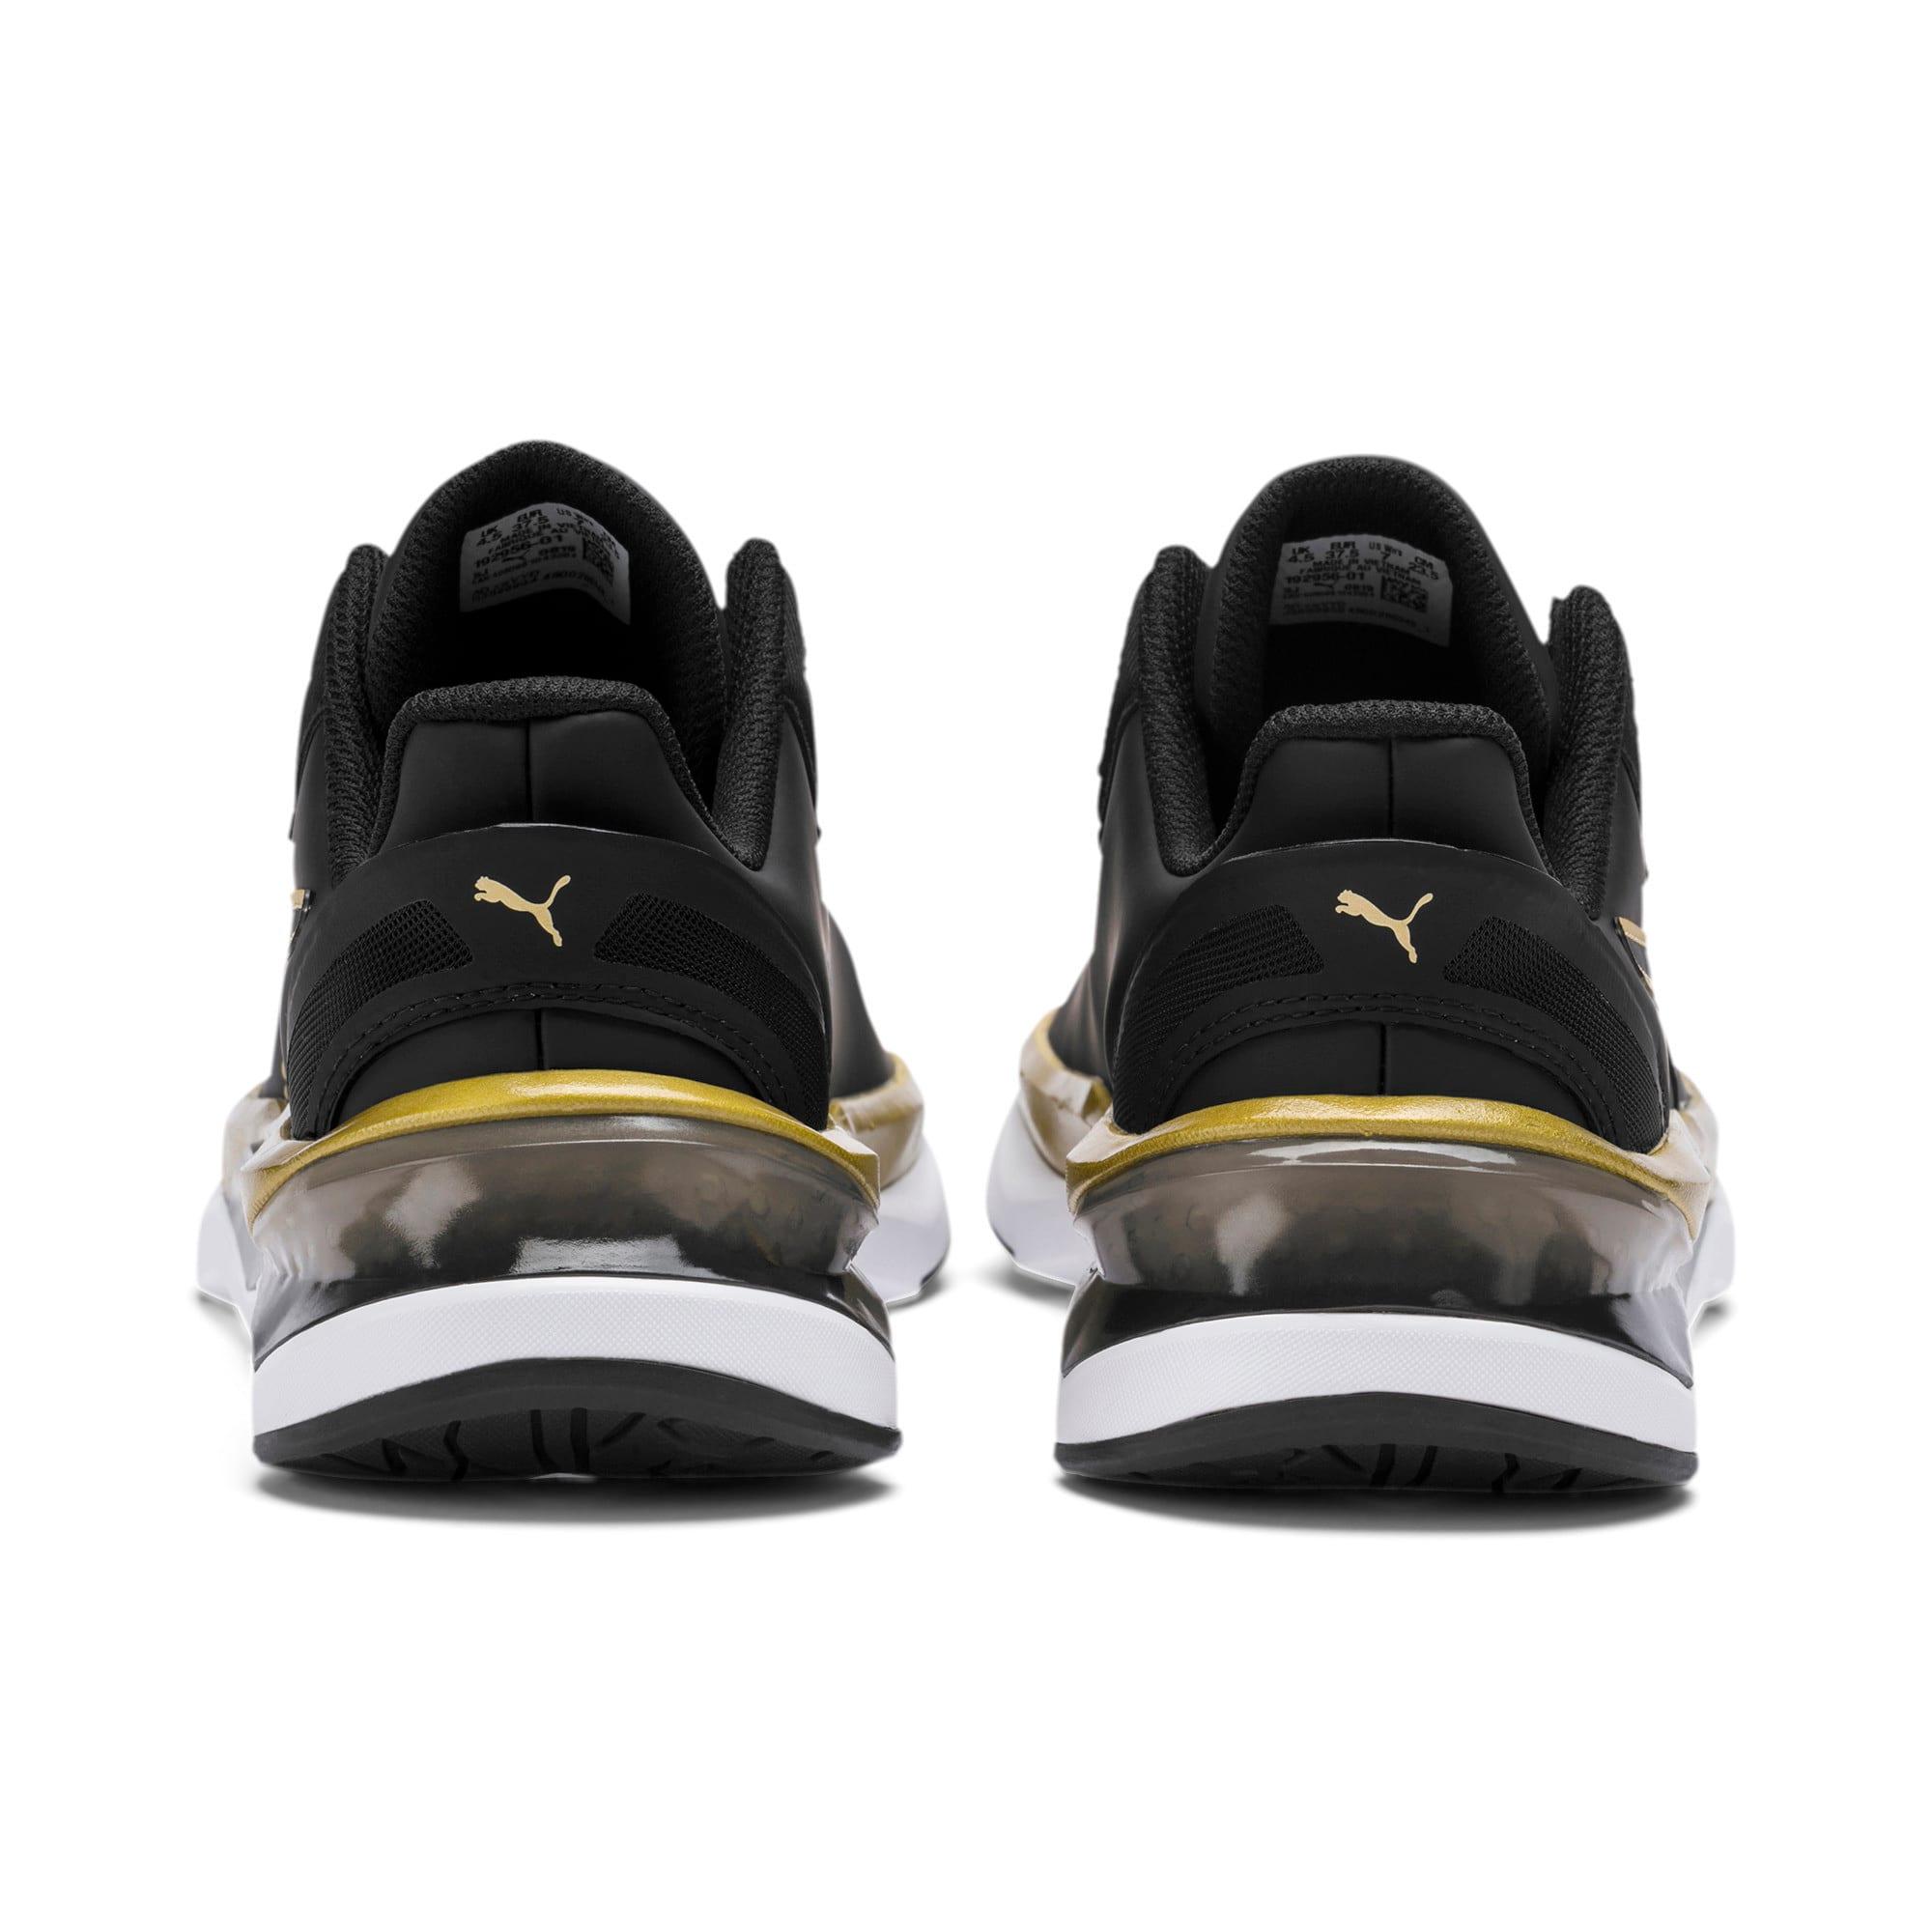 Thumbnail 3 of Shatter XT Matte LQDCELL Women's Running Shoes, Puma Black-Puma Team Gold, medium